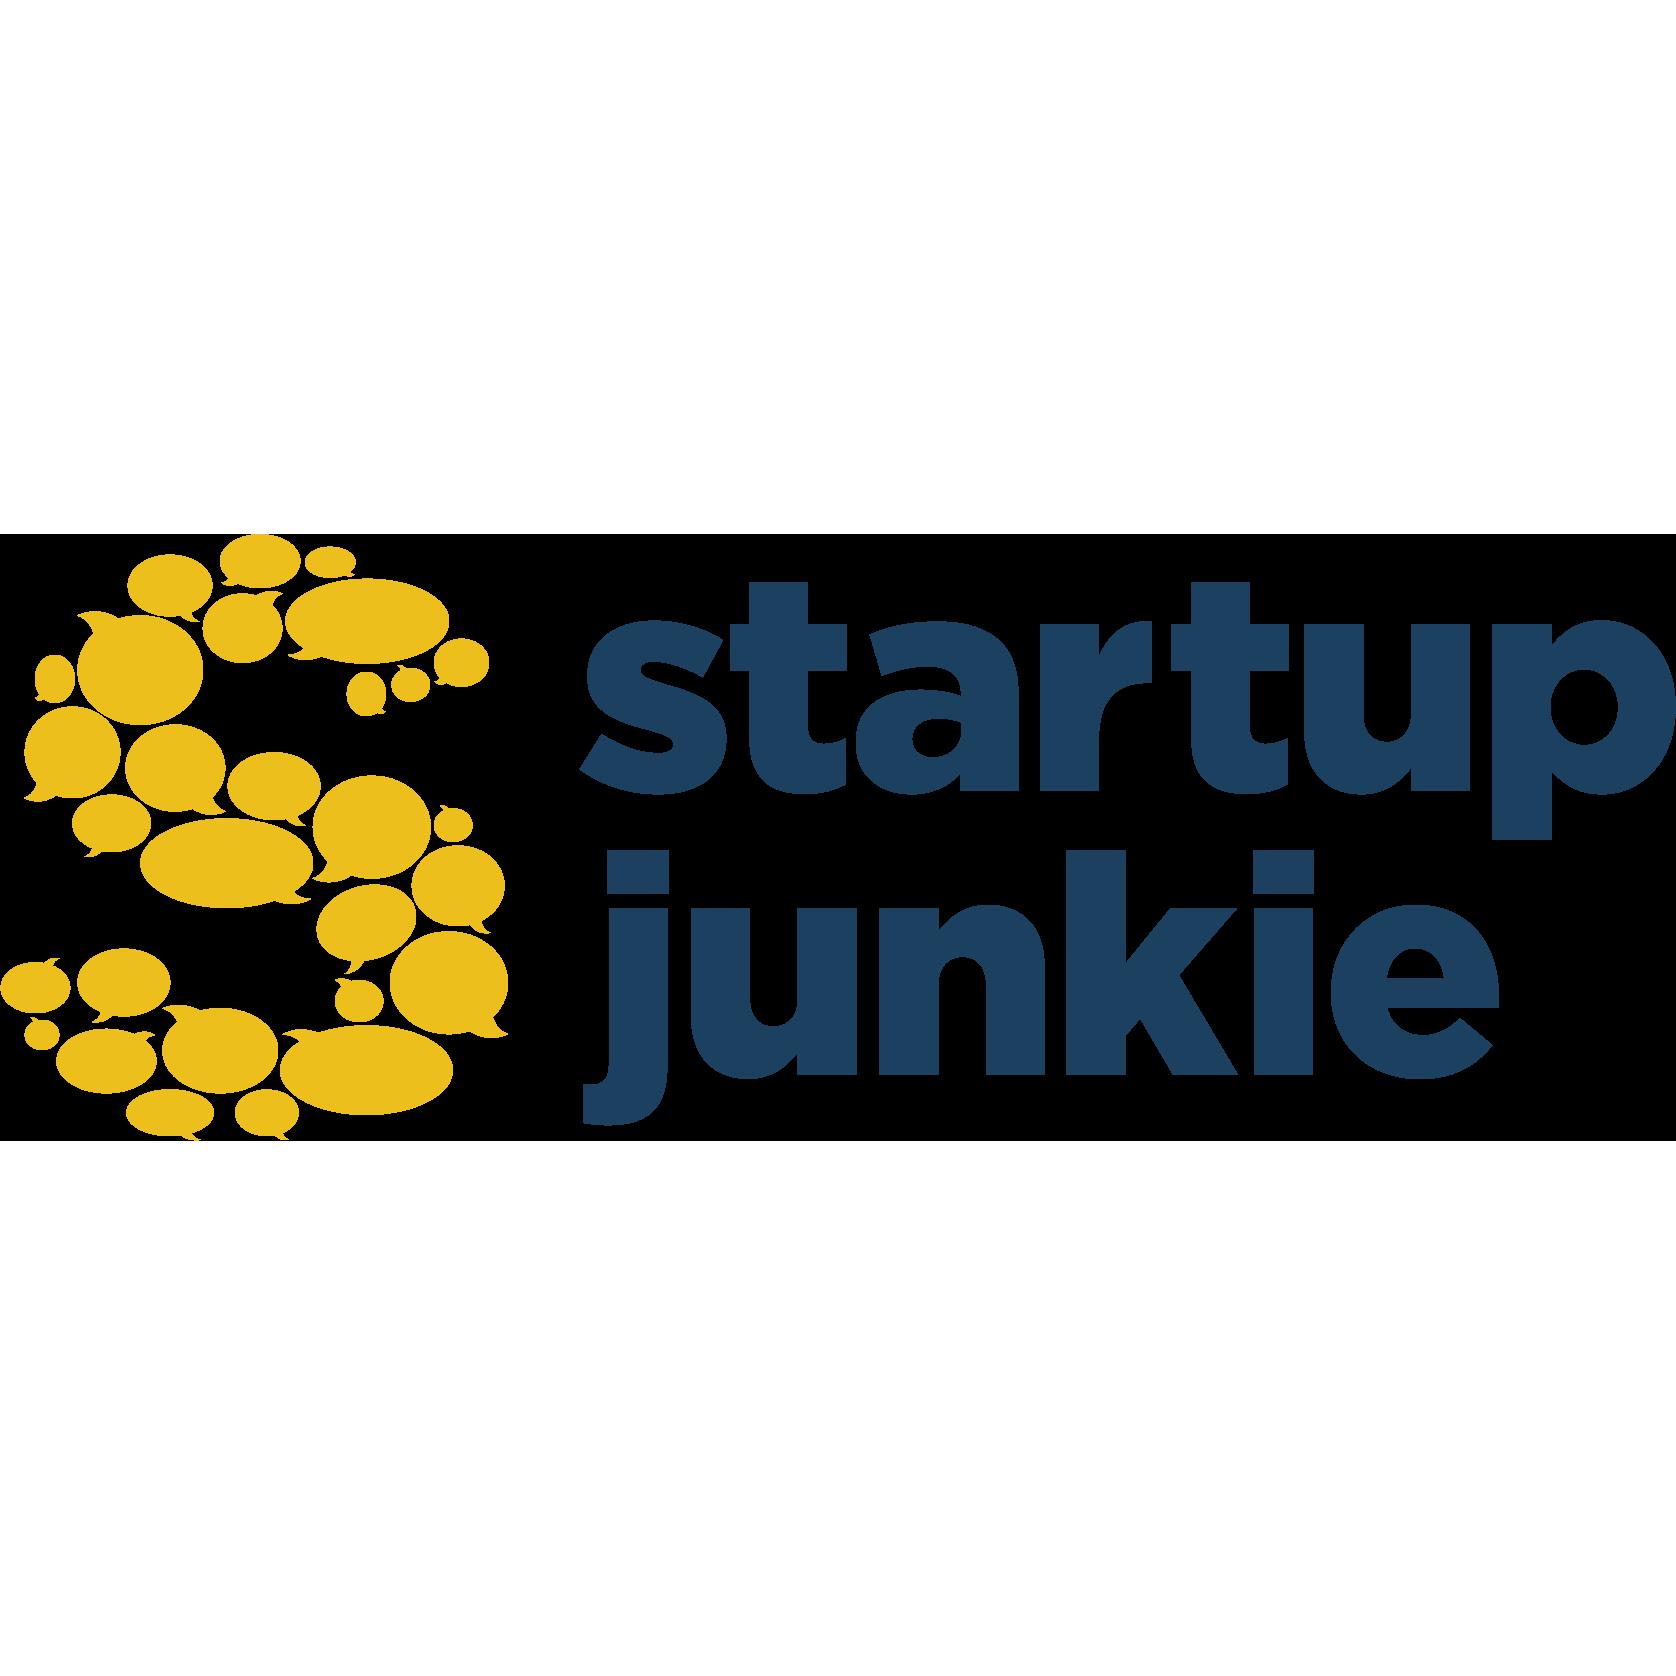 Startup Junkie.png